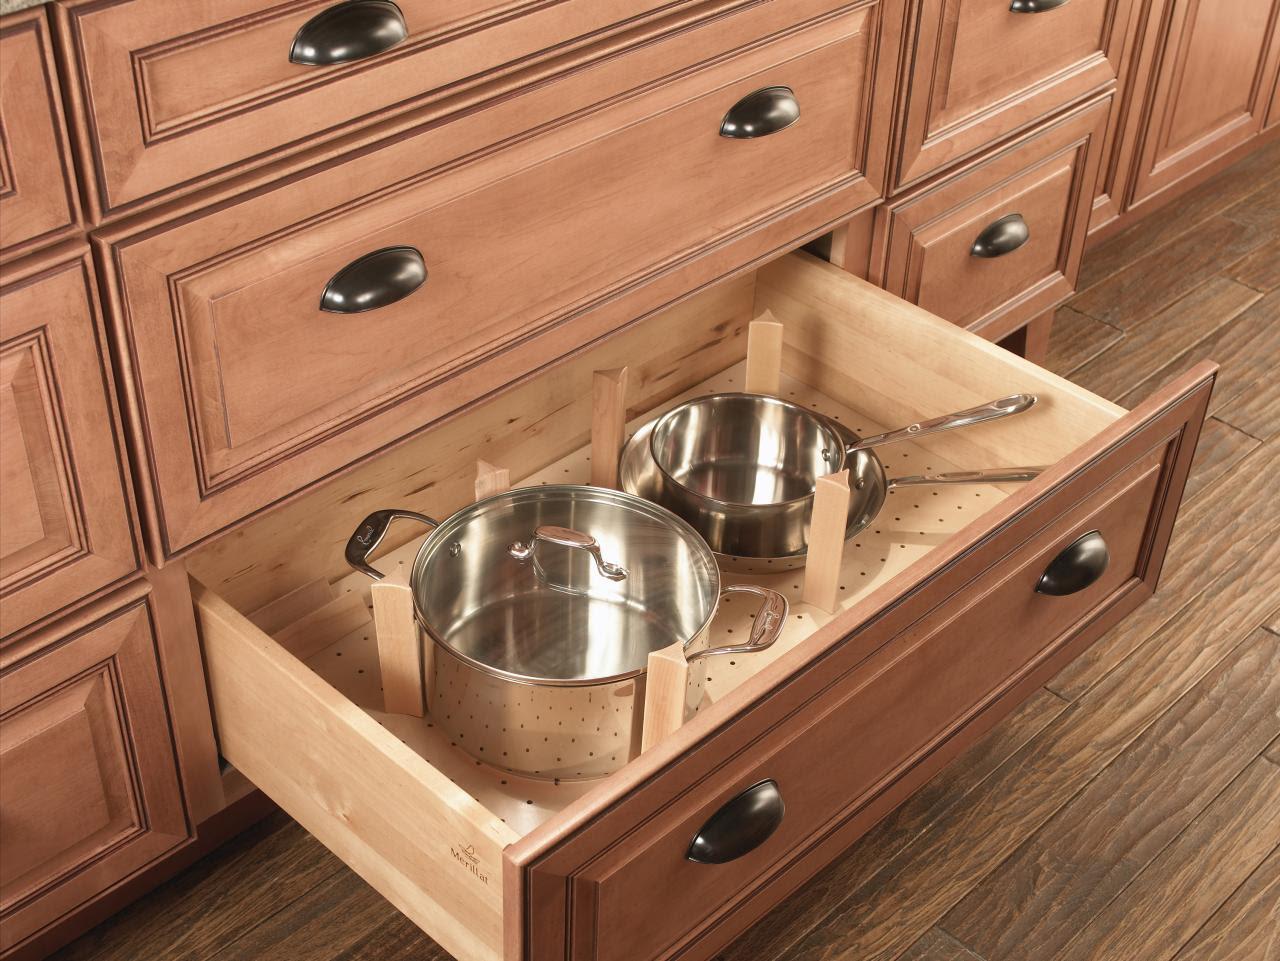 Kitchen Storage Ideas | Pantry and Spice Storage Accessories